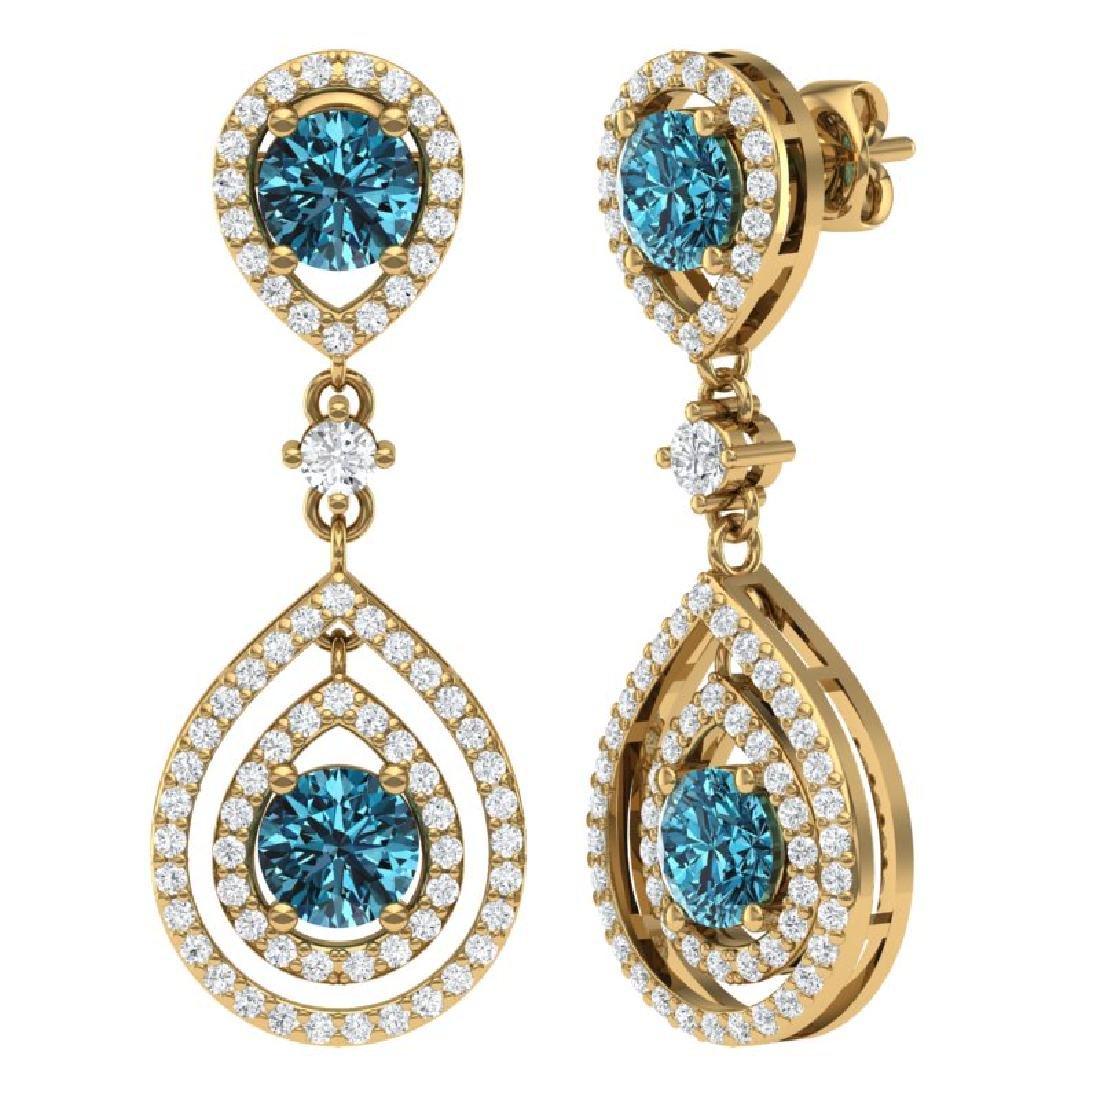 3.94 CTW Royalty Fancy Blue, SI Diamond Earrings 18K - 3